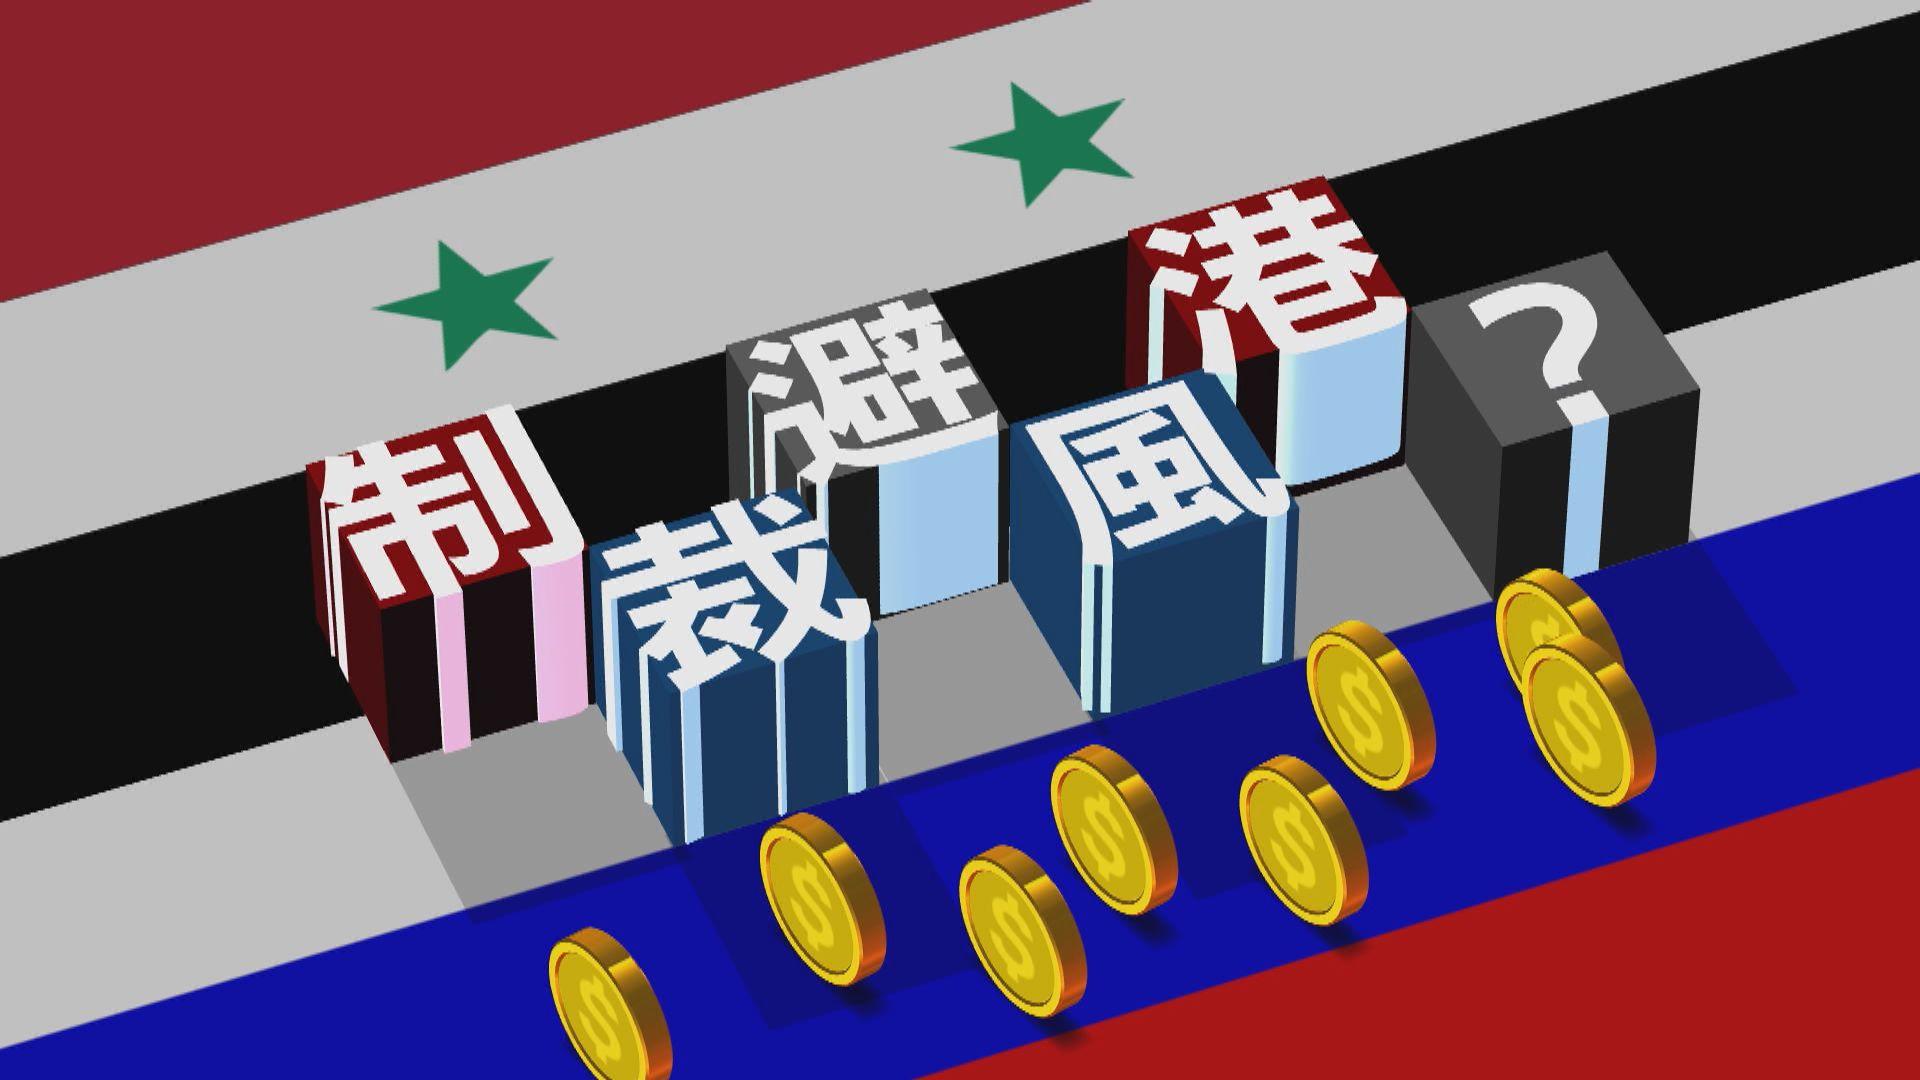 【新聞智庫】敘利亞富商受美國制裁 俄羅斯成避風港?